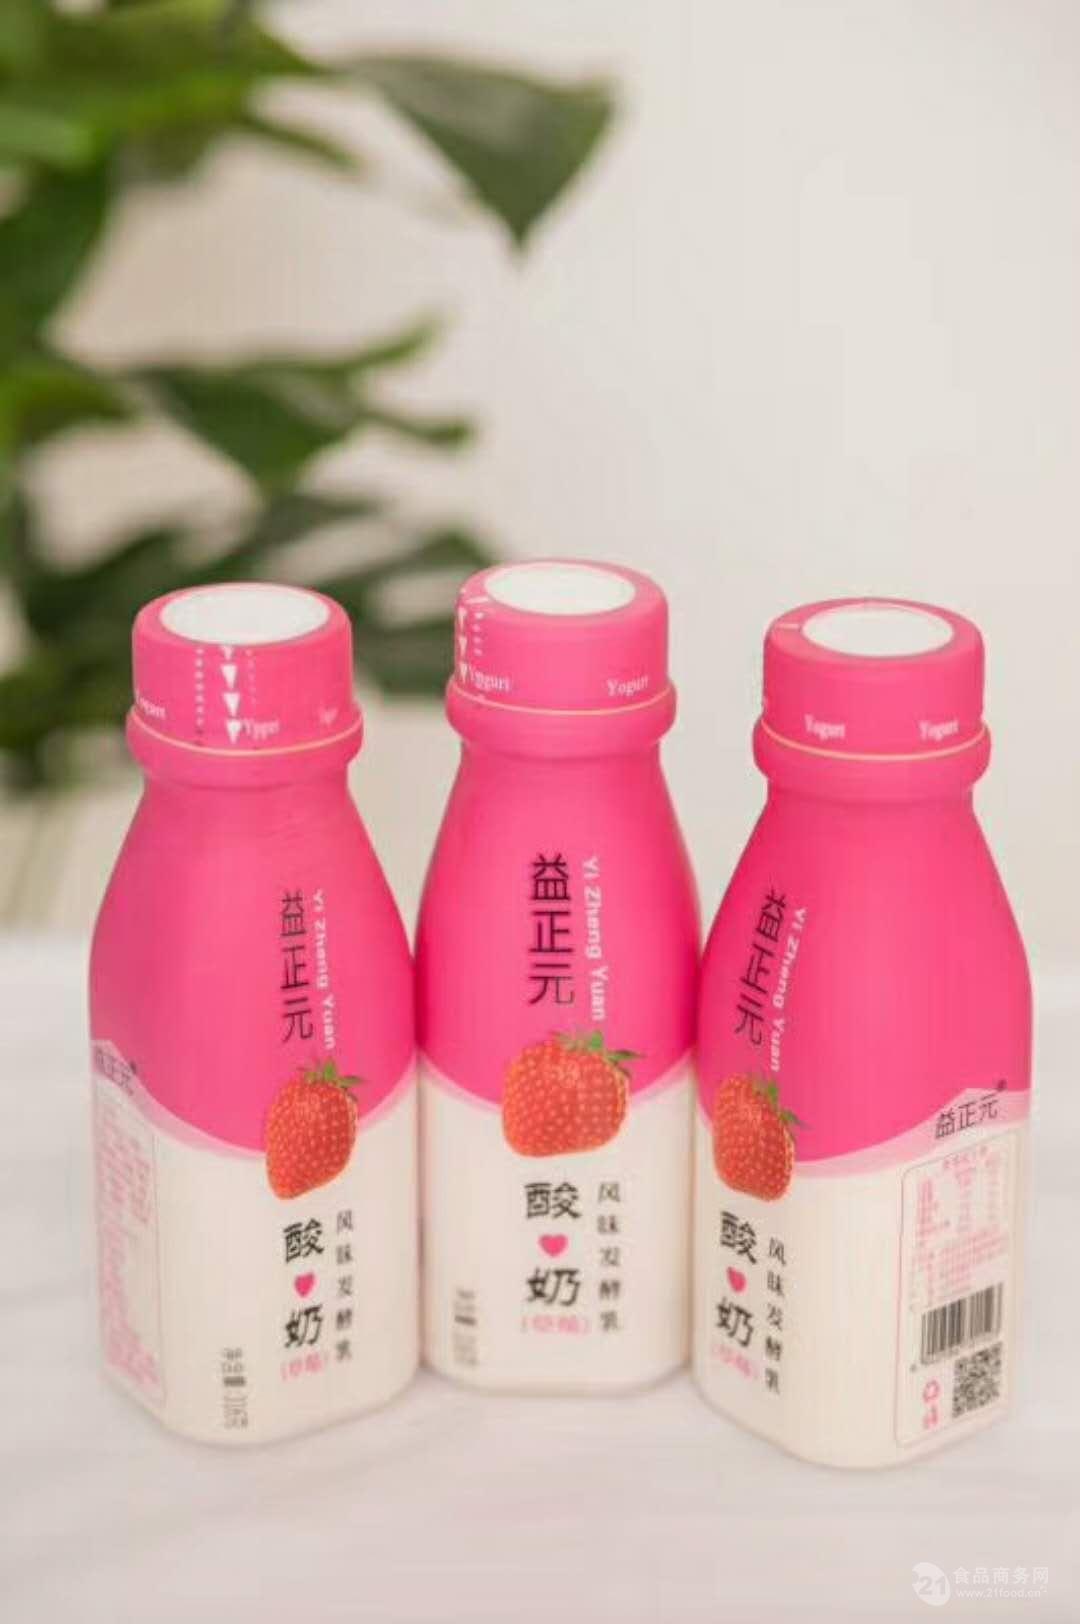 益正元黄桃草莓味果味酸奶酸奶饮品